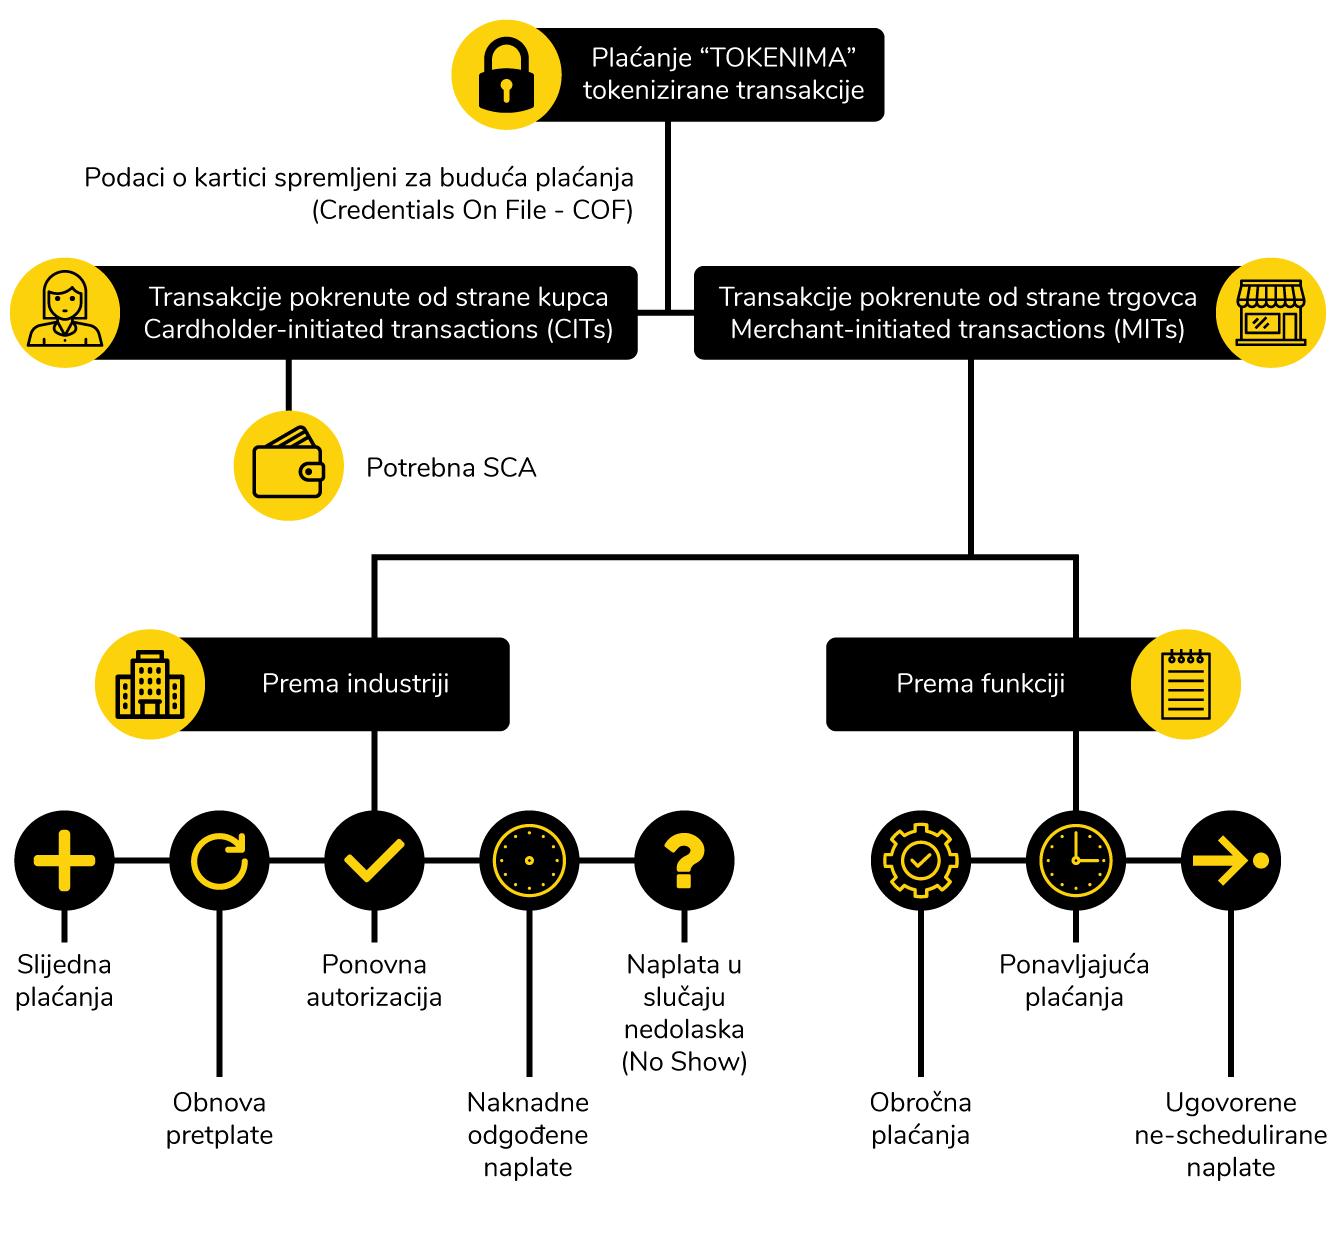 Tokenizirane transakcije - transakcije sa spremljenim kartičnim podacima